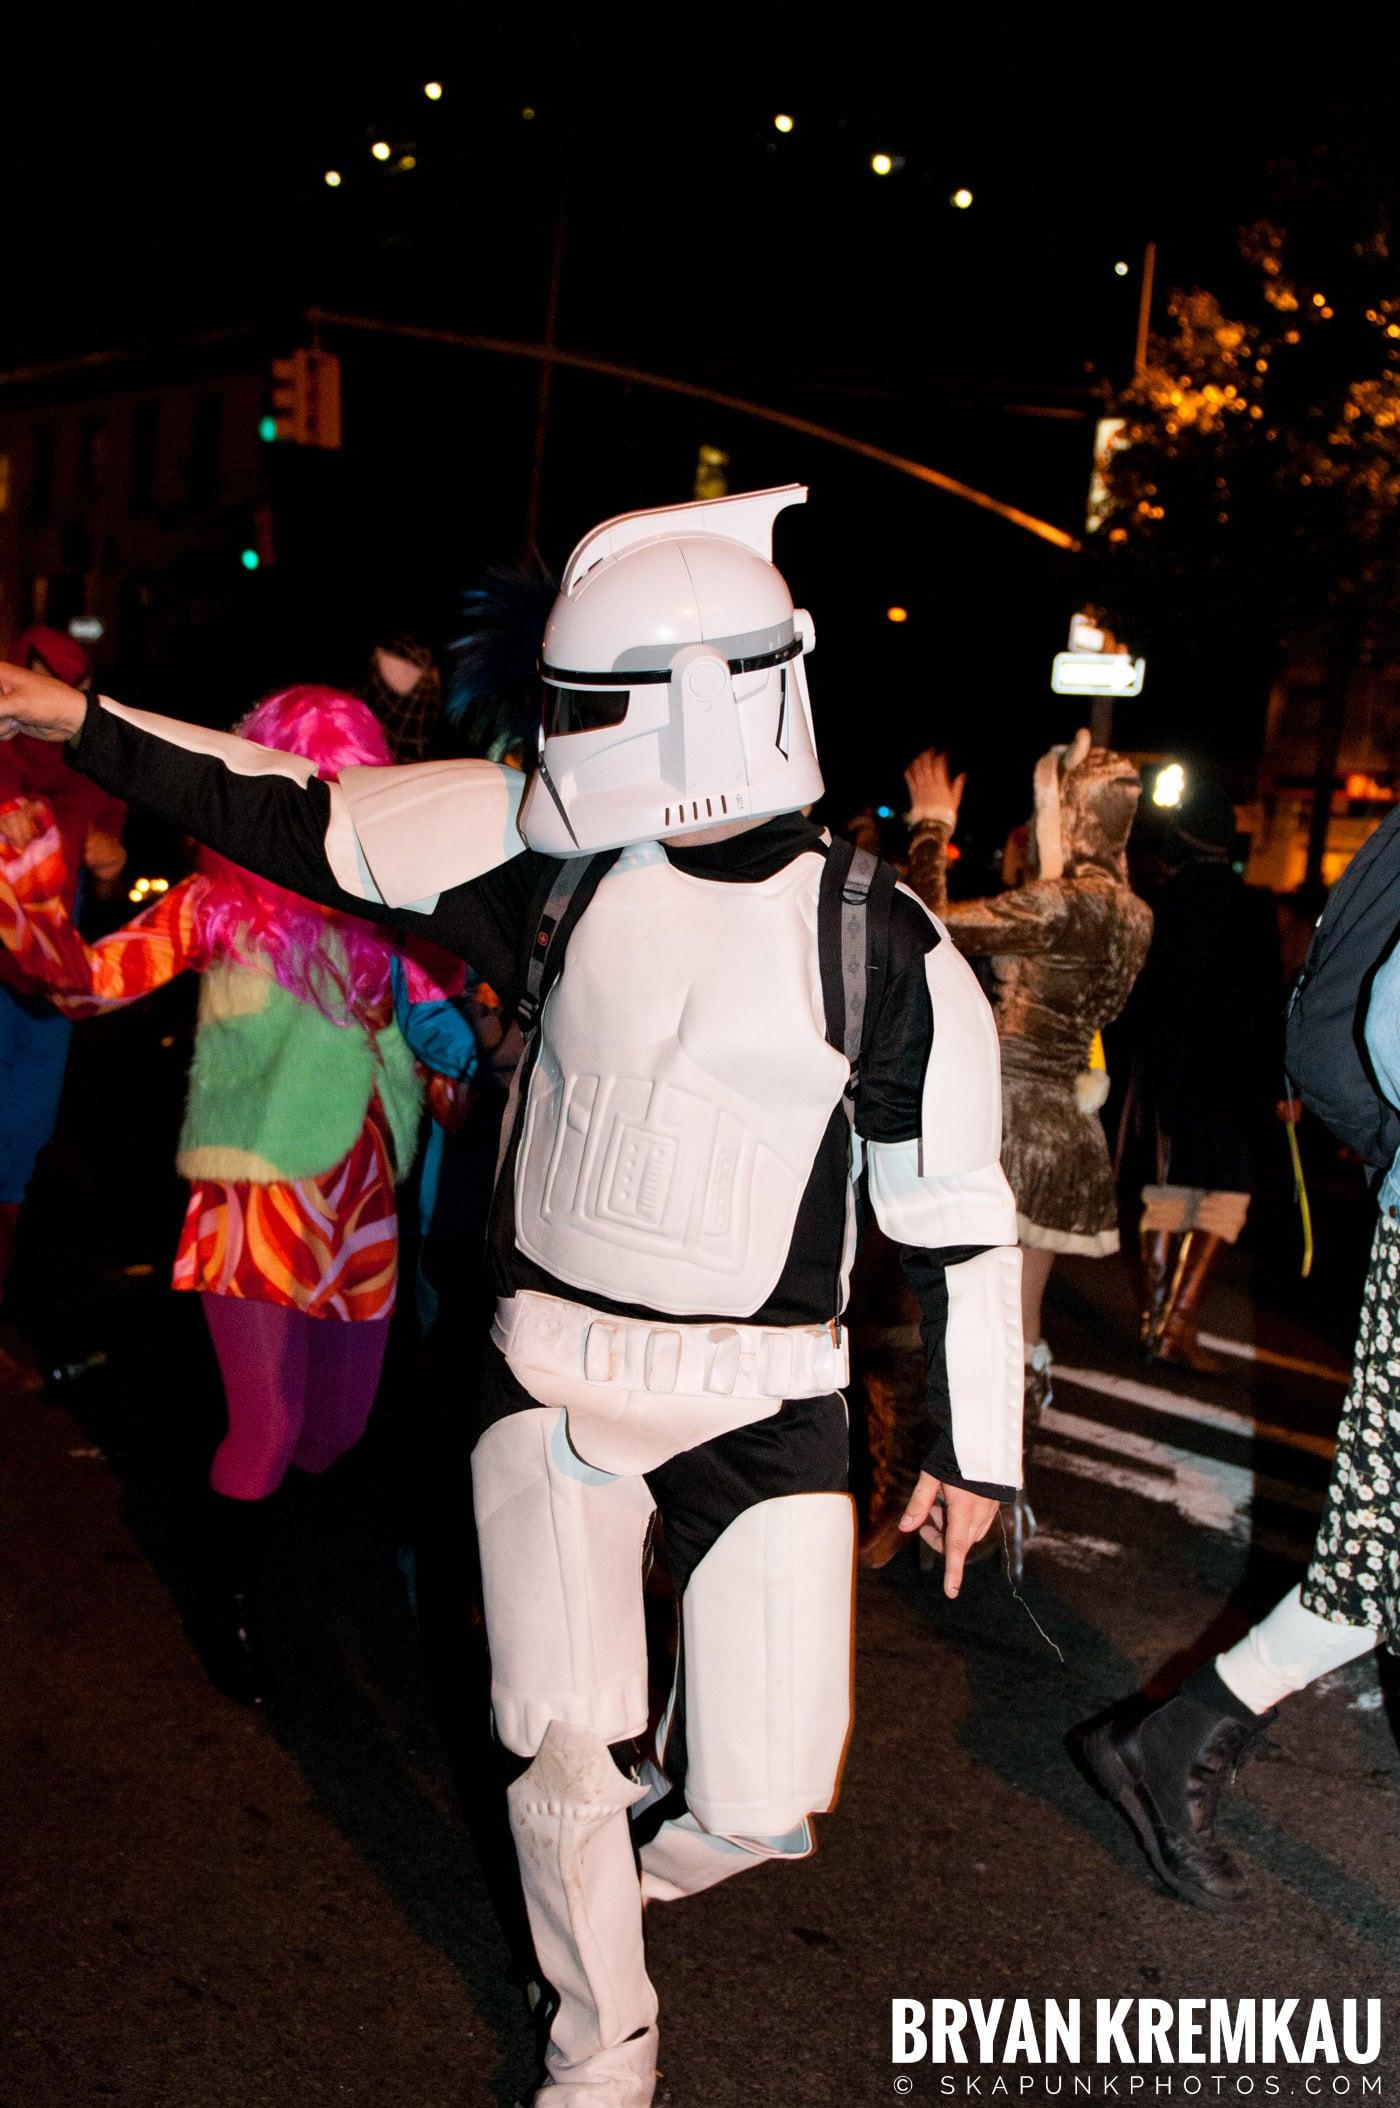 NYC Halloween Parade 2011 @ New York, NY - 10.31.11 (13)